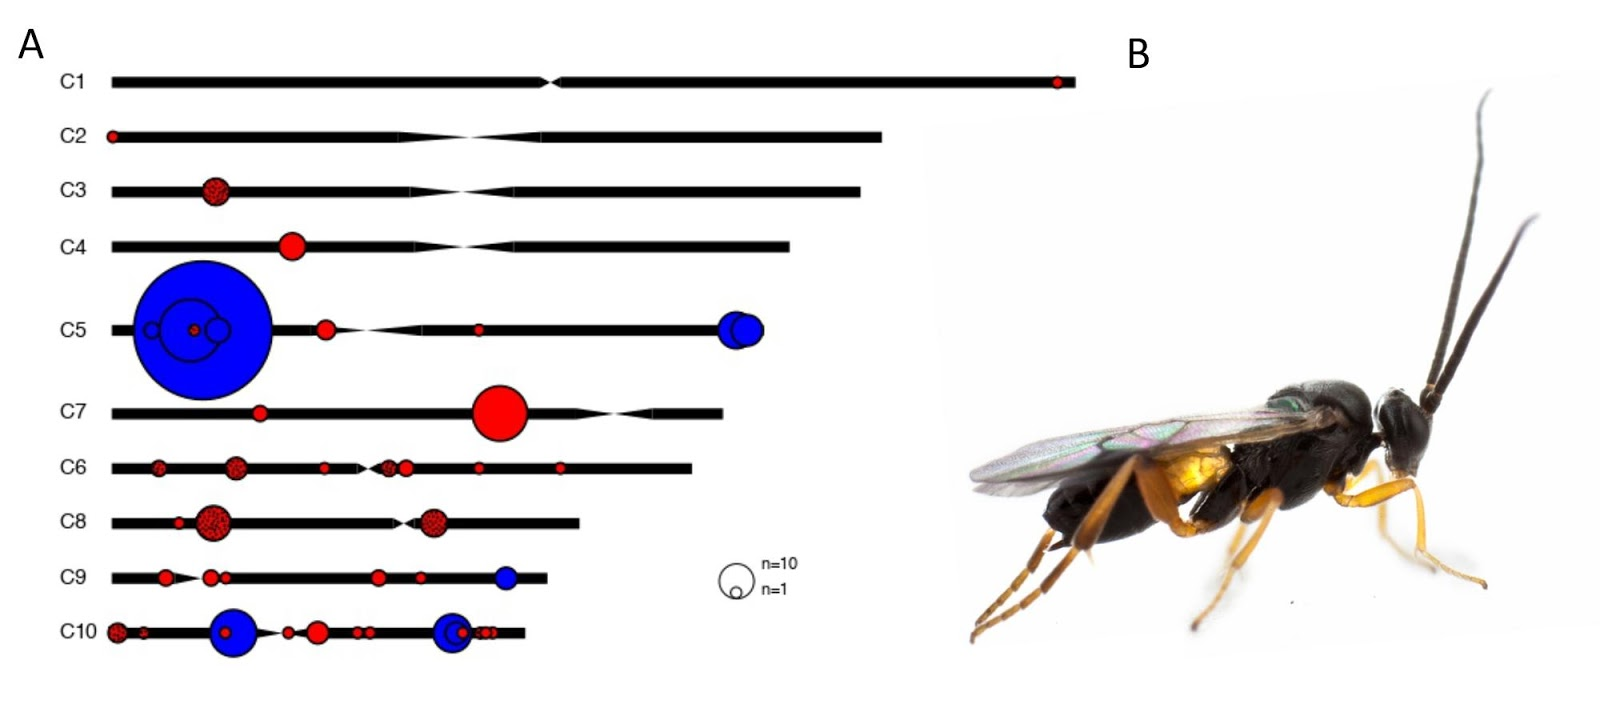 Carte de l'organisation des gènes du bracovirus dans le génome de la guêpe parasite Cotesia  A. Les différentes localisations des gènes du bracovirus sur les chromosomes de Cotesia congregata sont représentées par des disques colorés dont la taille est proportionnelle au nombre de gènes. En bleu: régions du génome contenant les gènes de virulence incorporés dans les particules et exprimés dans les chenilles parasitées. Noter l'importance de la région située sur le bras court du Chromosome 5. En rouge: régions contenant les gènes impliqués dans la production des particules virales. La région virale du chromosome 7 en contient presque la moitié, si l'on ne compte pas les copies supplémentaires de gènes dispersées produites par duplications. Elle est amplifiée lors de la production des particules et code en particulier pour des composants structuraux majeurs des particules. Les disques en rouge plus foncé correspondent à une famille de gènes hyper-diversifiée par duplications comprenant 35 copies dont jusqu'à 10 sont localisées au même site (C8). B Macro-photographie de la guêpe C. congregata (crédit Hans Smid).